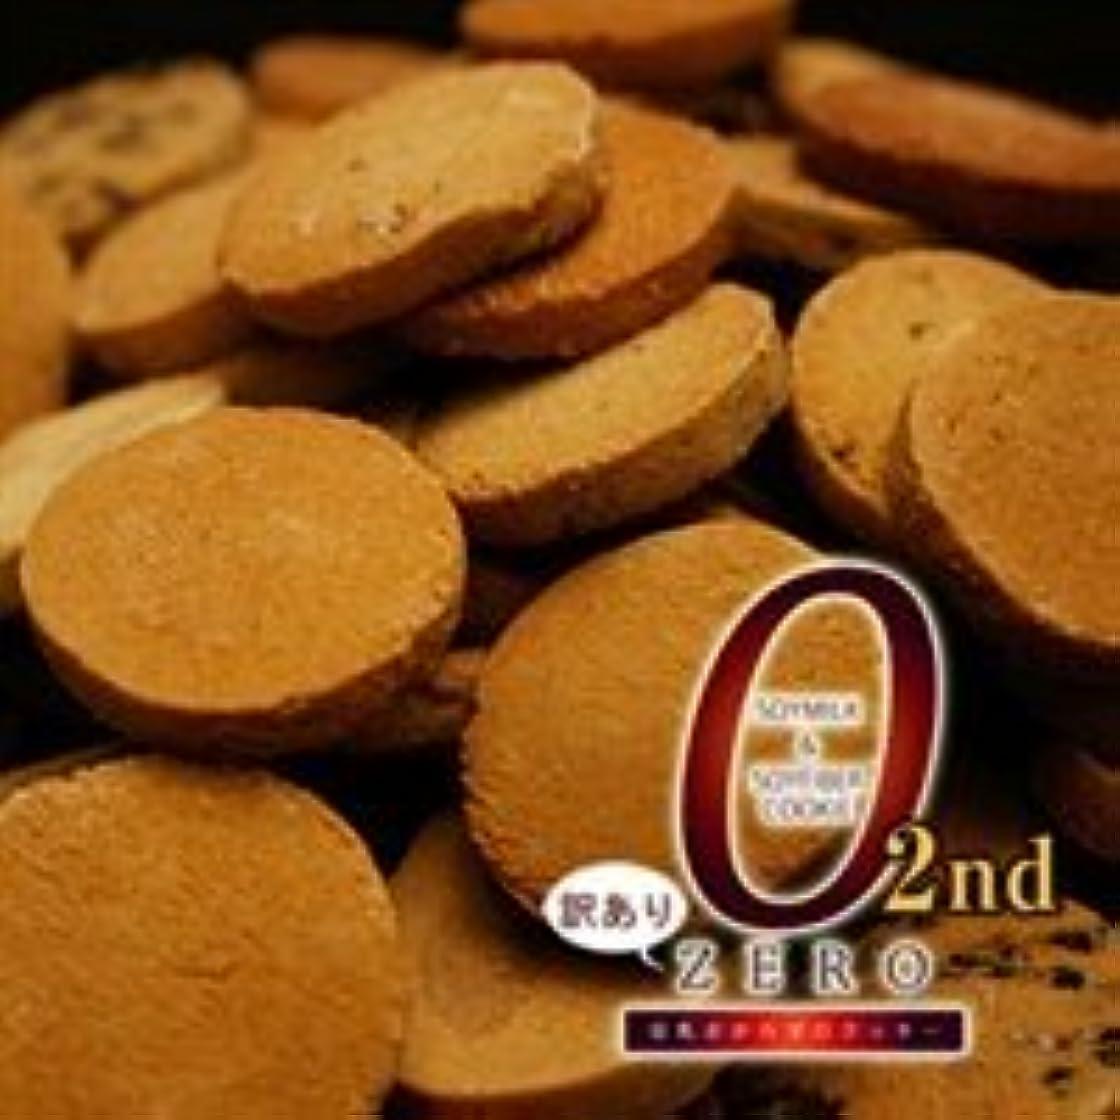 変成器欠如フォーク蒲屋忠兵衛商店 訳あり豆乳おからゼロクッキー 2nd 1kg(250g×4袋)